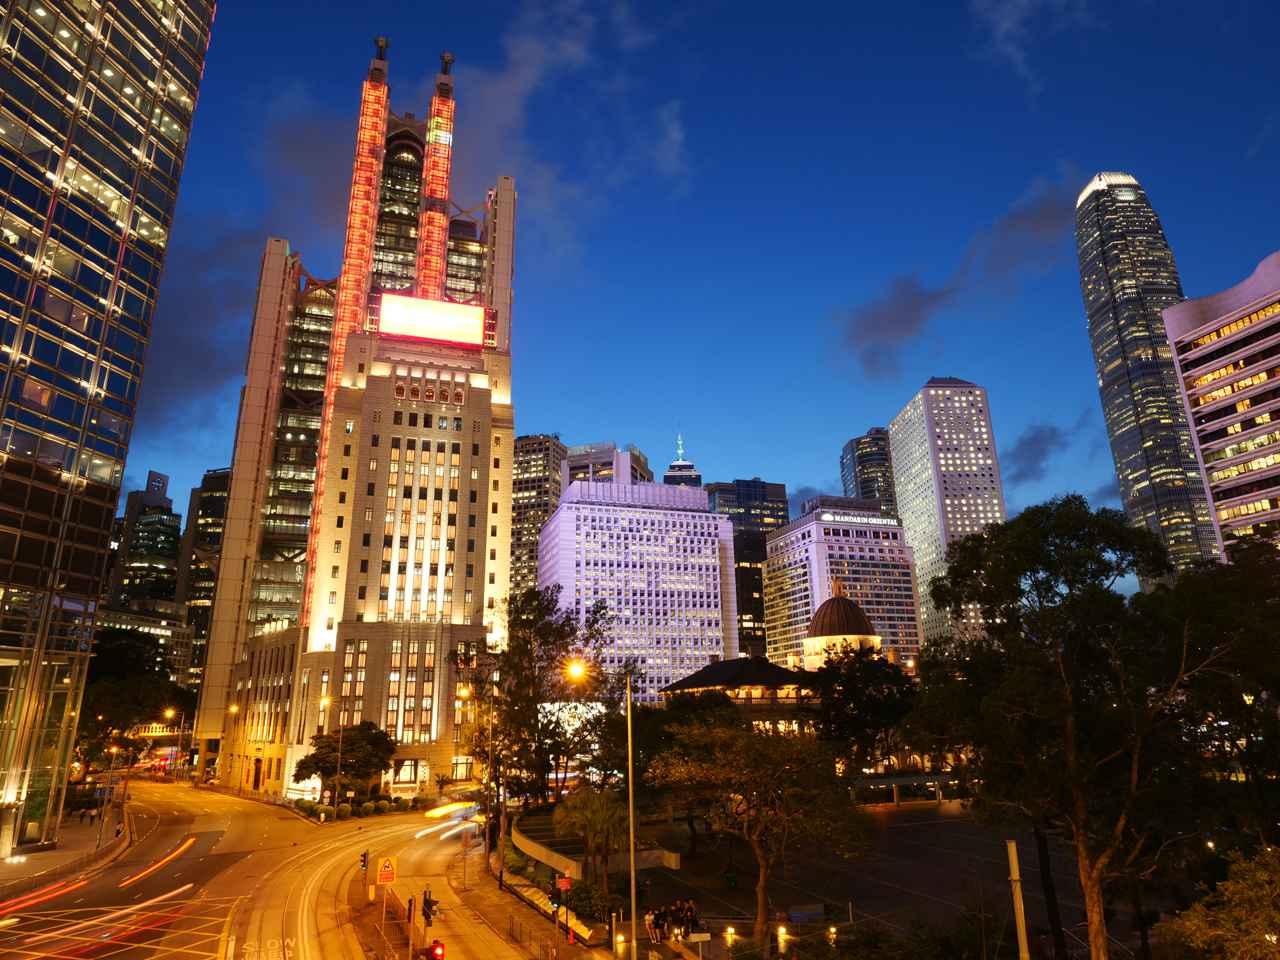 画像: ▲香港の街並み、ビルの細部まで緻密に描写している。 ■絞りF5.6 1.3秒 WB:マニュアル ISO200 35mm判換算20mm相当の画角で撮影